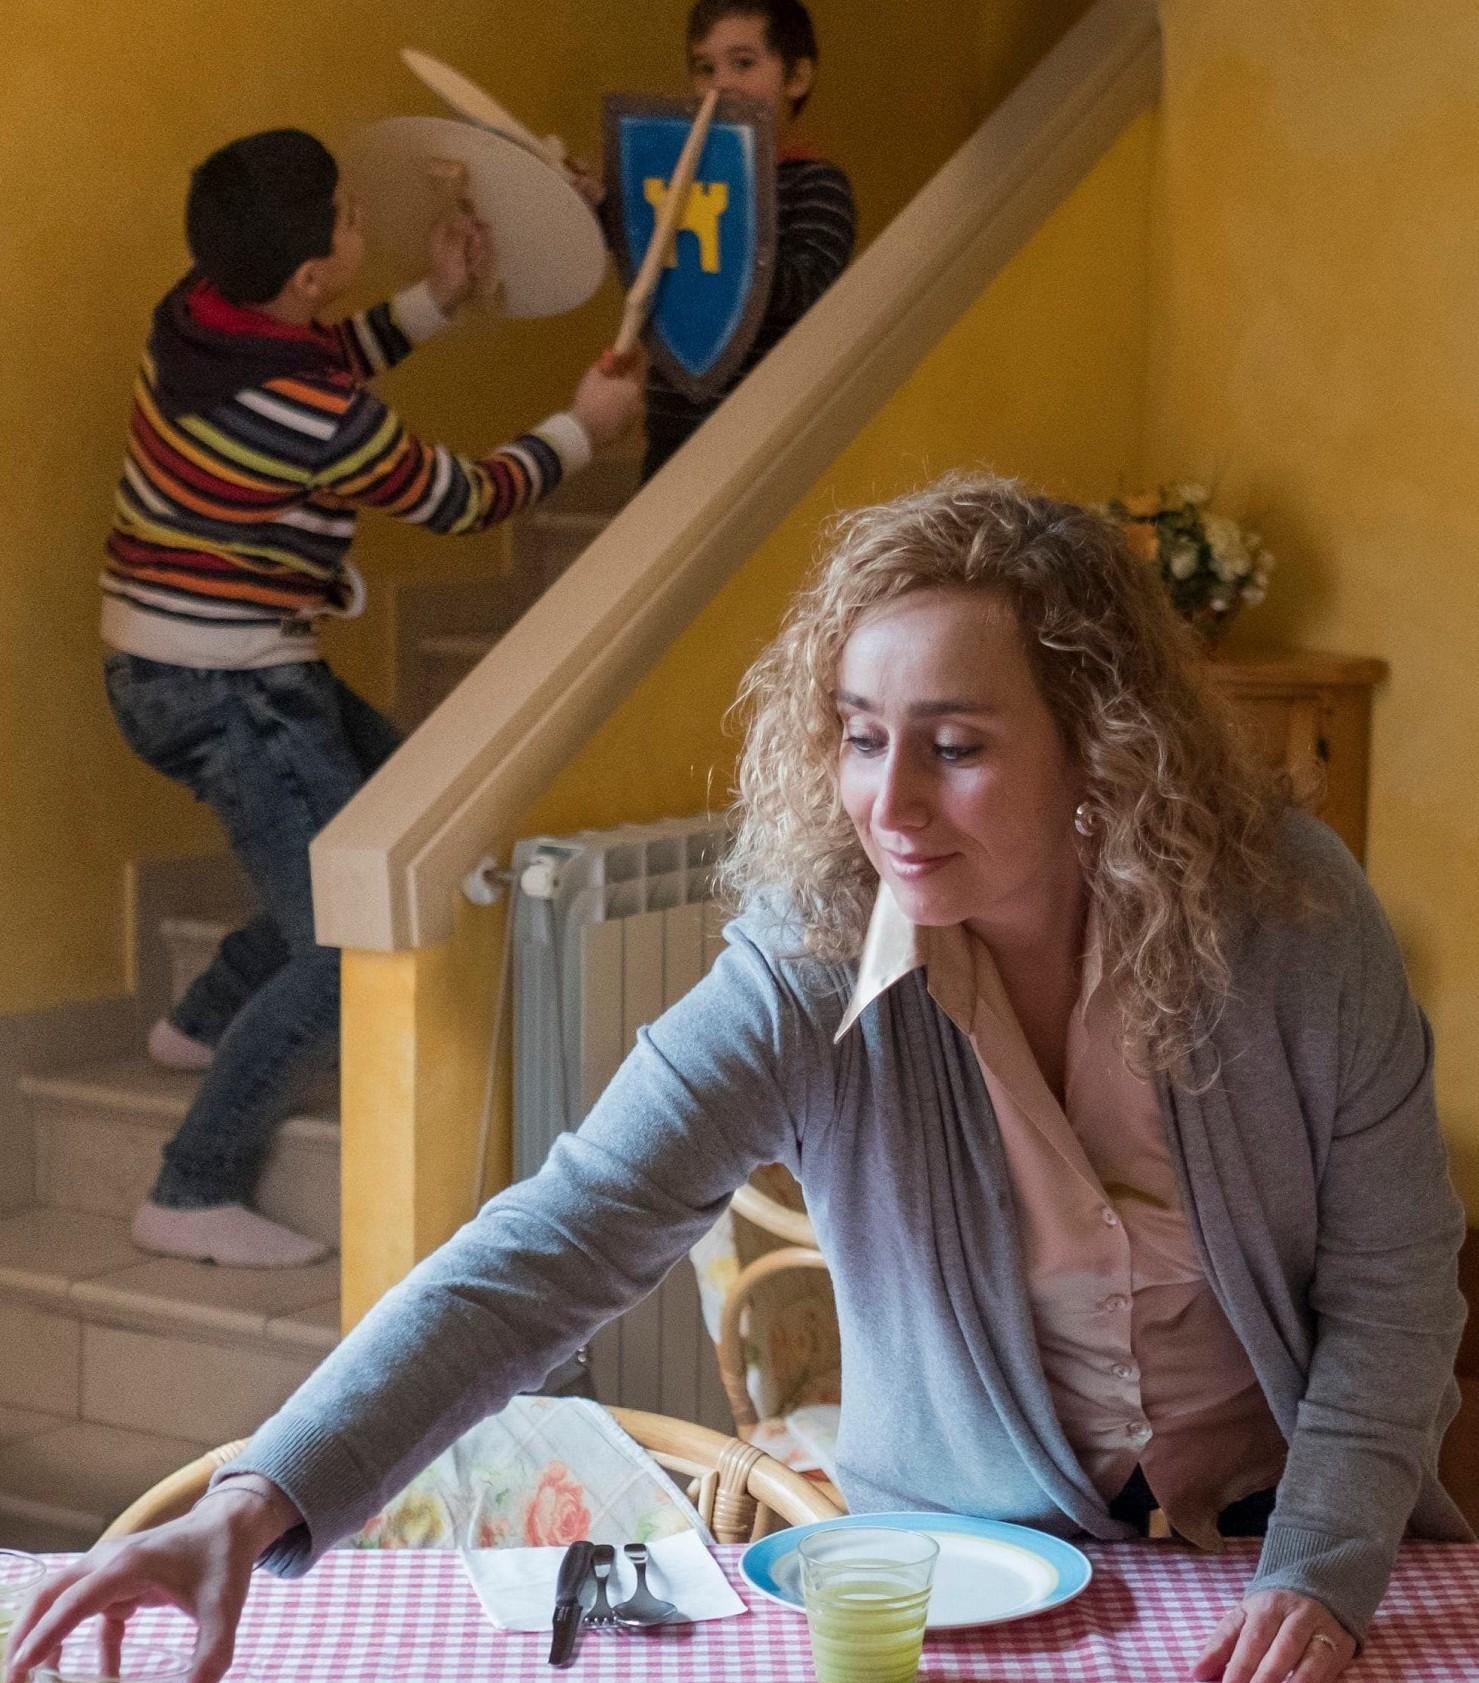 Pensioni casalinghe 2020 a chi spetta, requisiti età, contributi, come fare domanda INPS